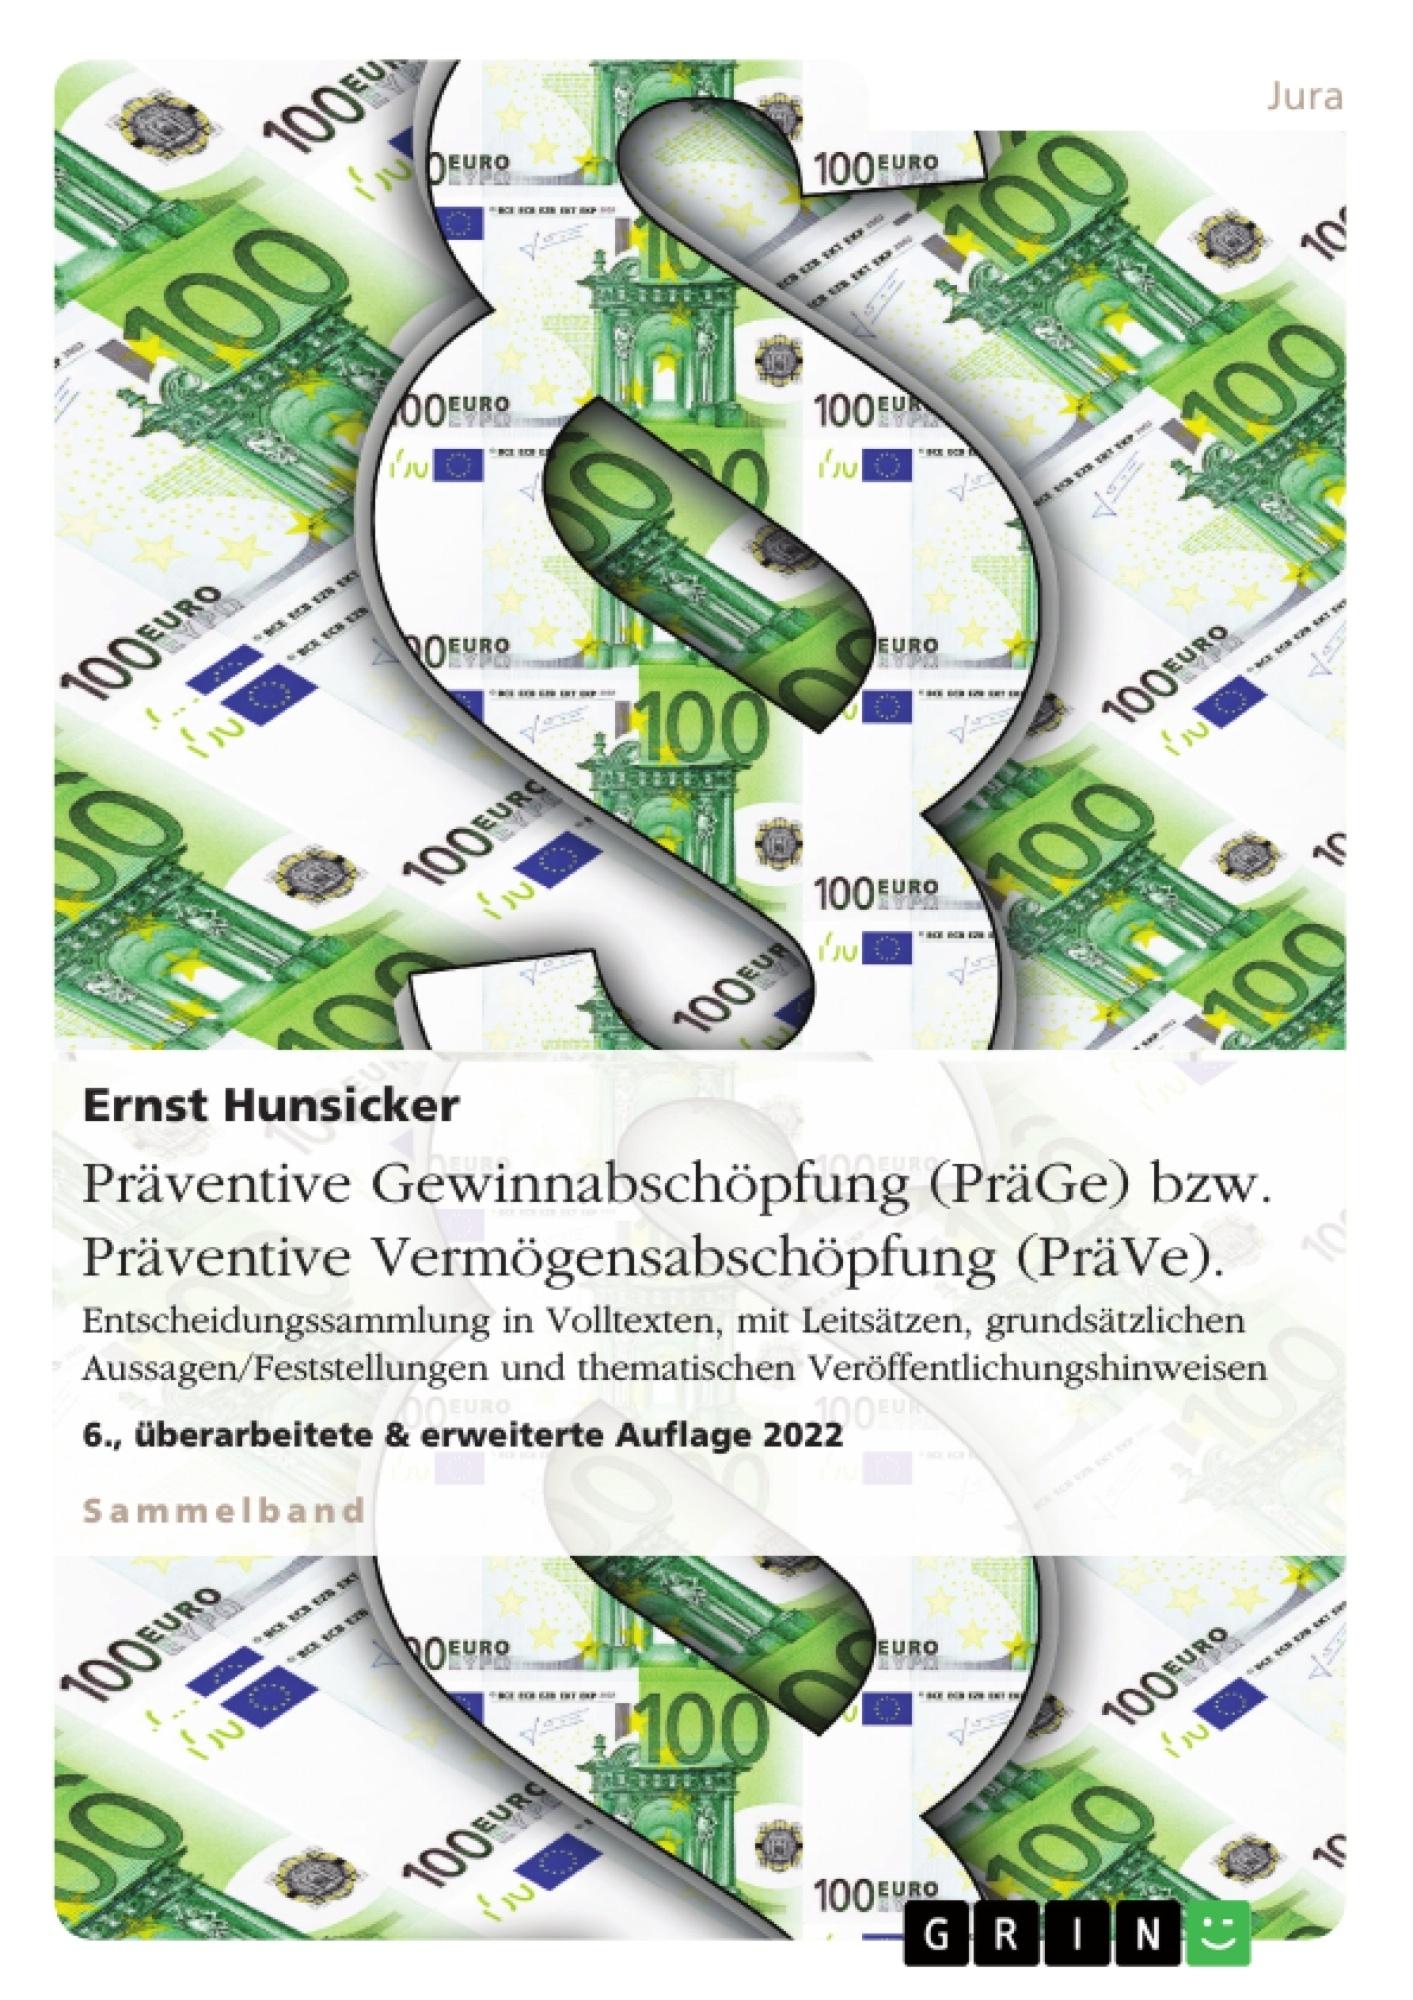 Titel: Präventive Gewinnabschöpfung (PräGe). Entscheidungssammlung in Volltexten, mit Leitsätzen, grundsätzlichen Aussagen/Feststellungen und thematischen Veröffentlichungshinweisen